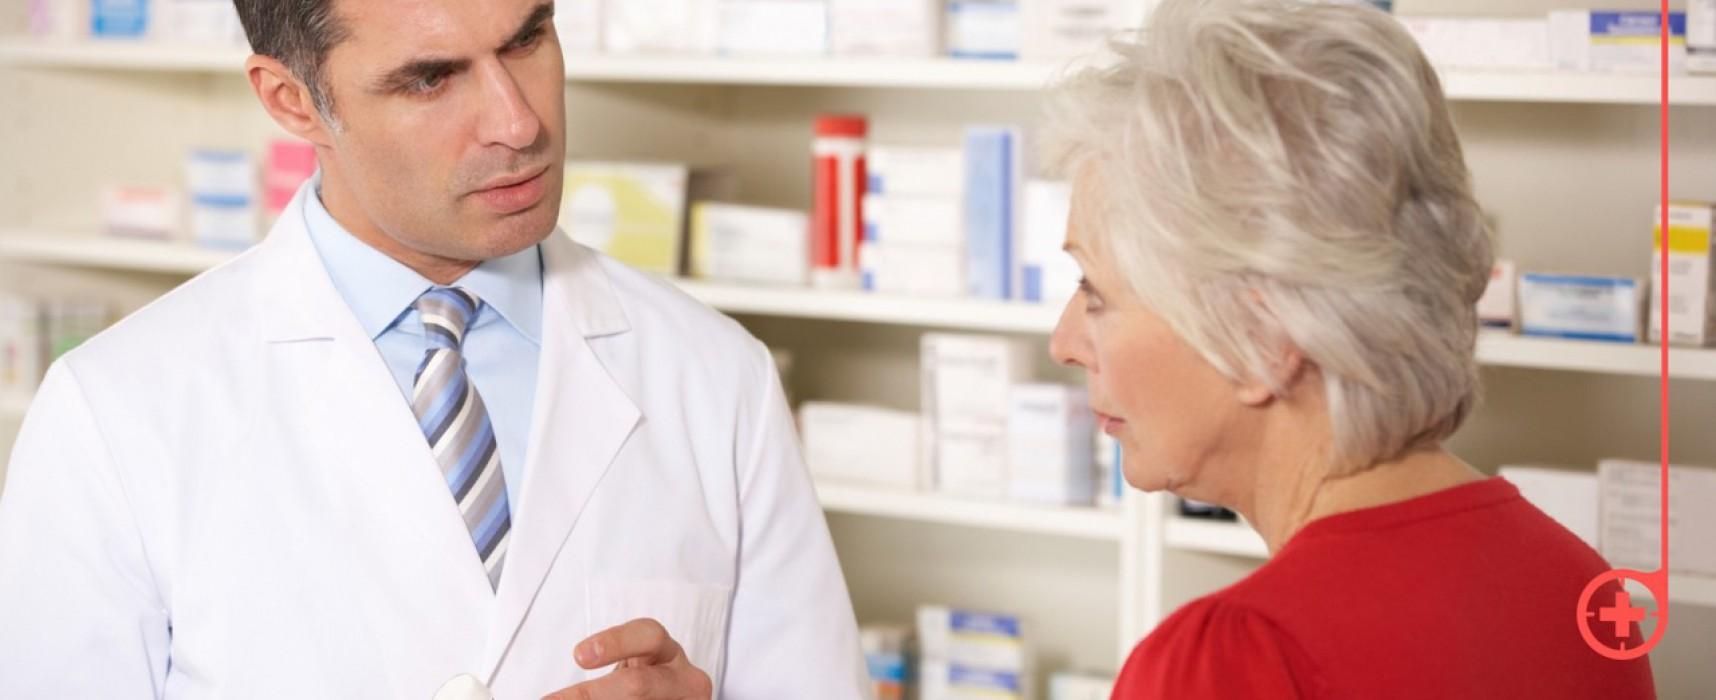 Nuevo acuerdo para la venta de OTC en las farmacias